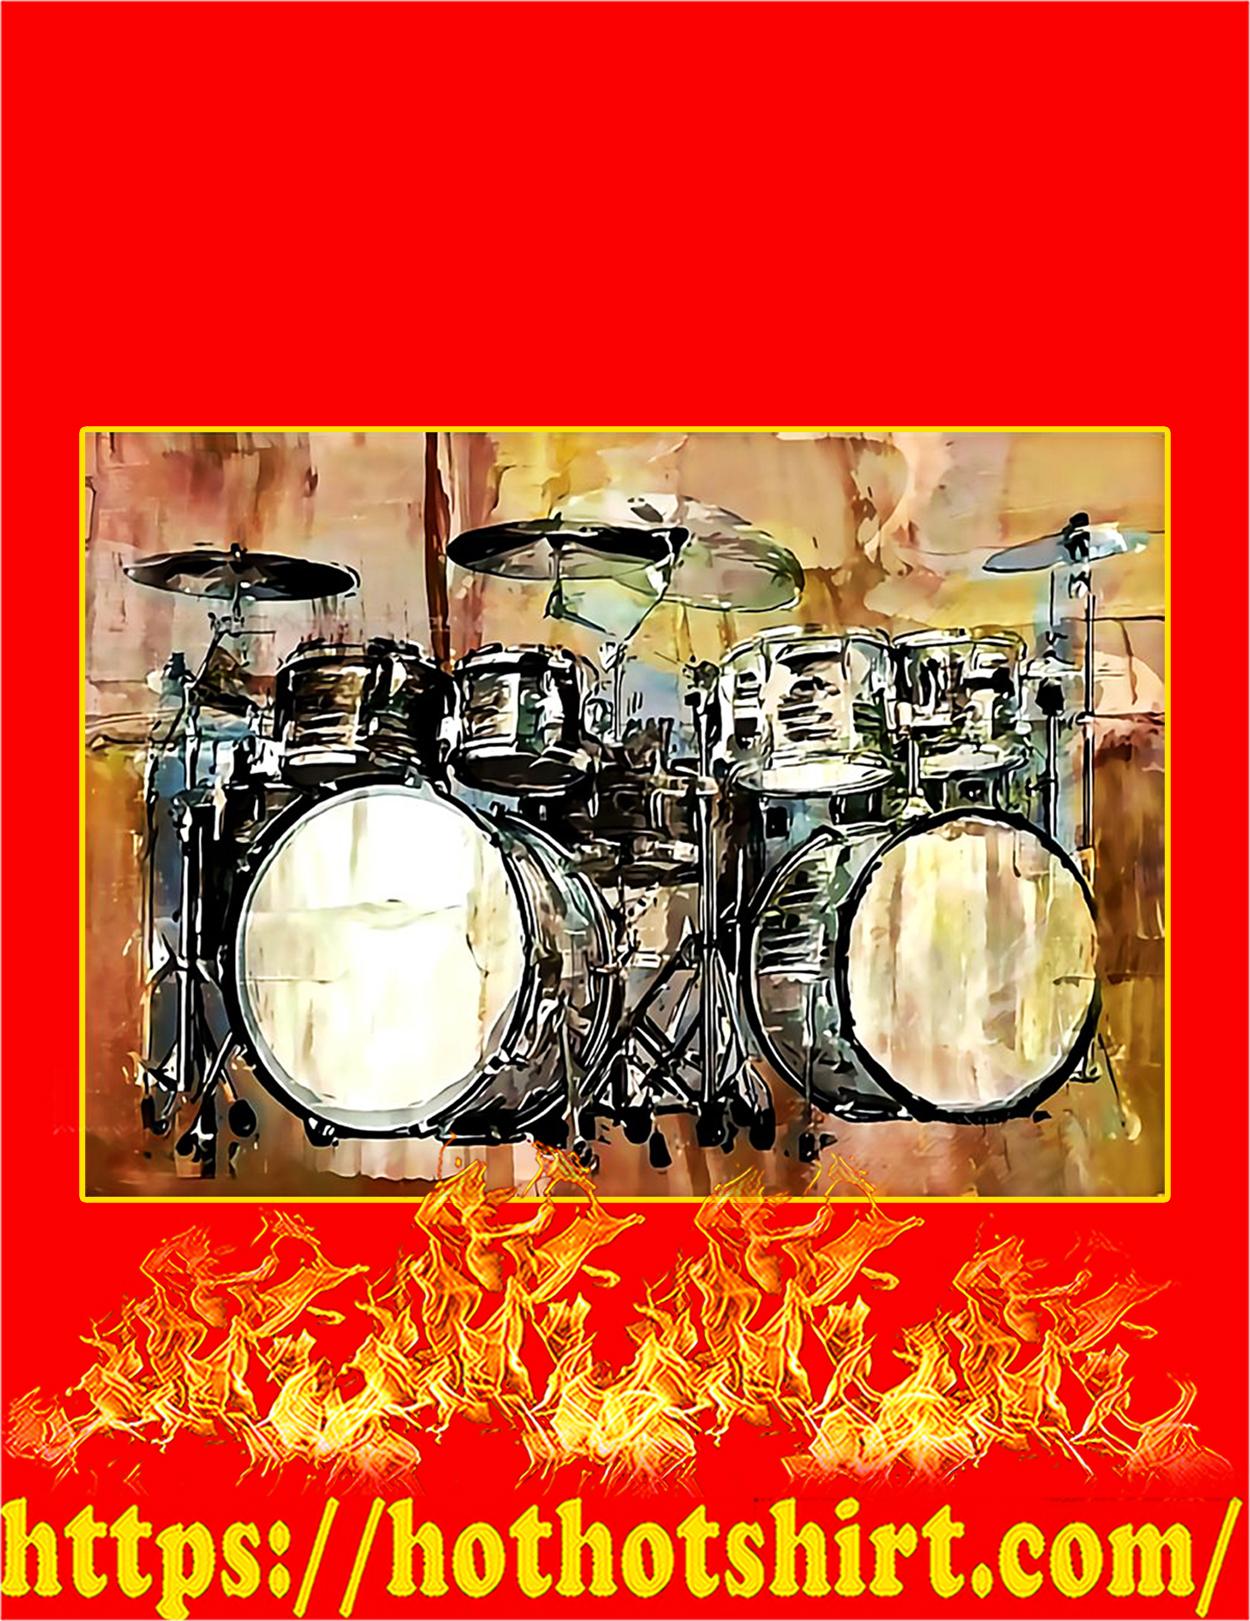 Drummer Vintage Drum Set Poster - A2